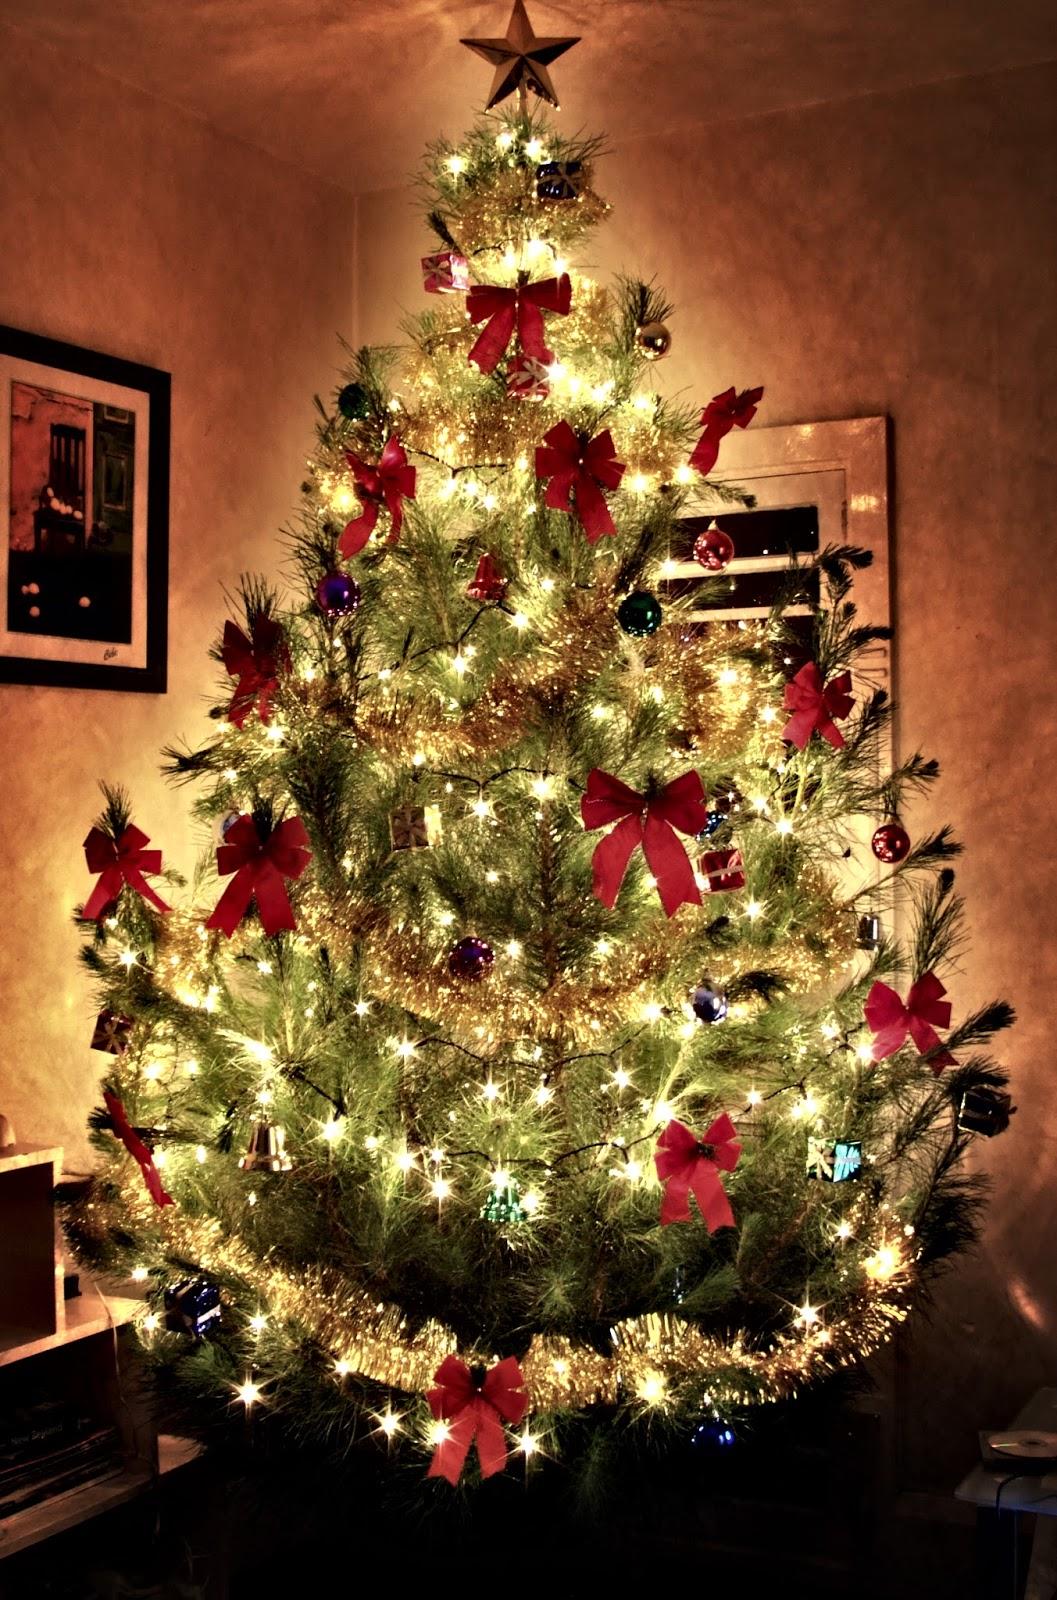 Poes as oraciones y cuentos bendici n del pesebre y del - Cuento del arbol de navidad ...